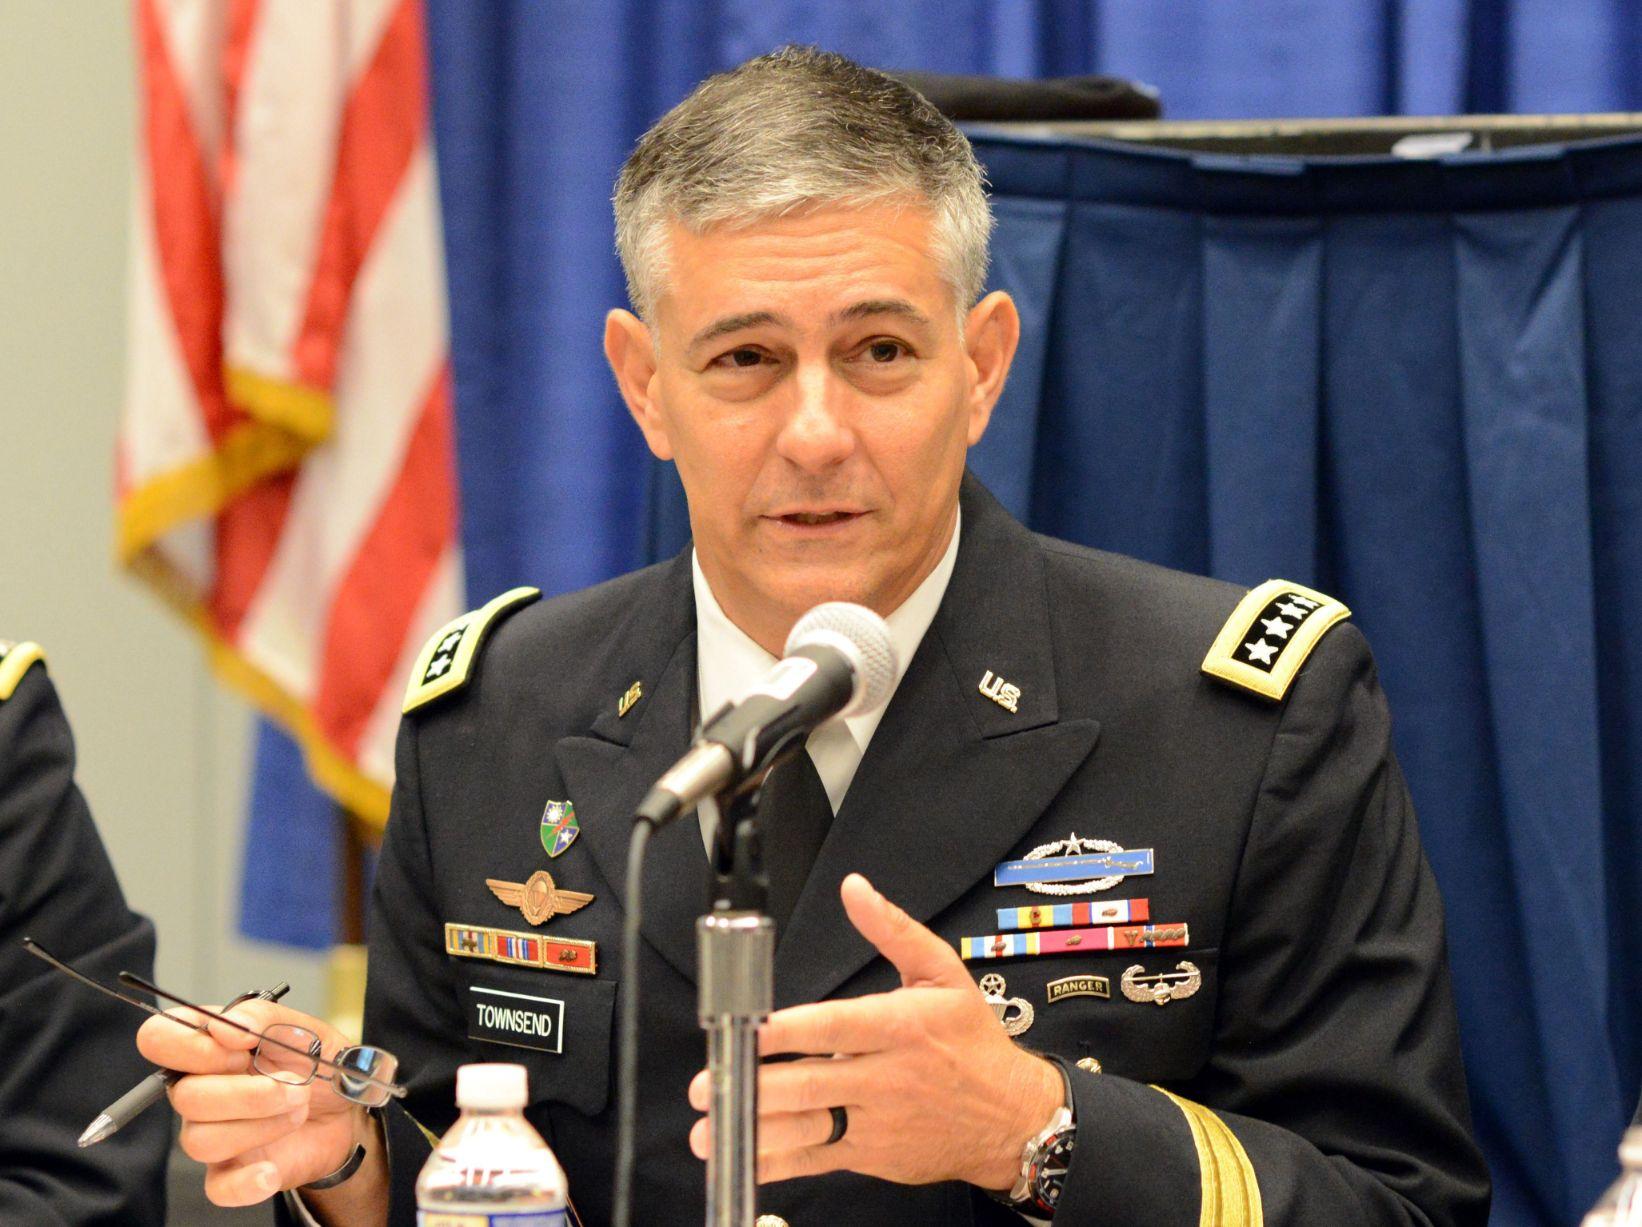 مسئول عسكري أمريكي إرادة مشتركة لتعزيز العلاقات الثنائية مع الجيش الجزائري